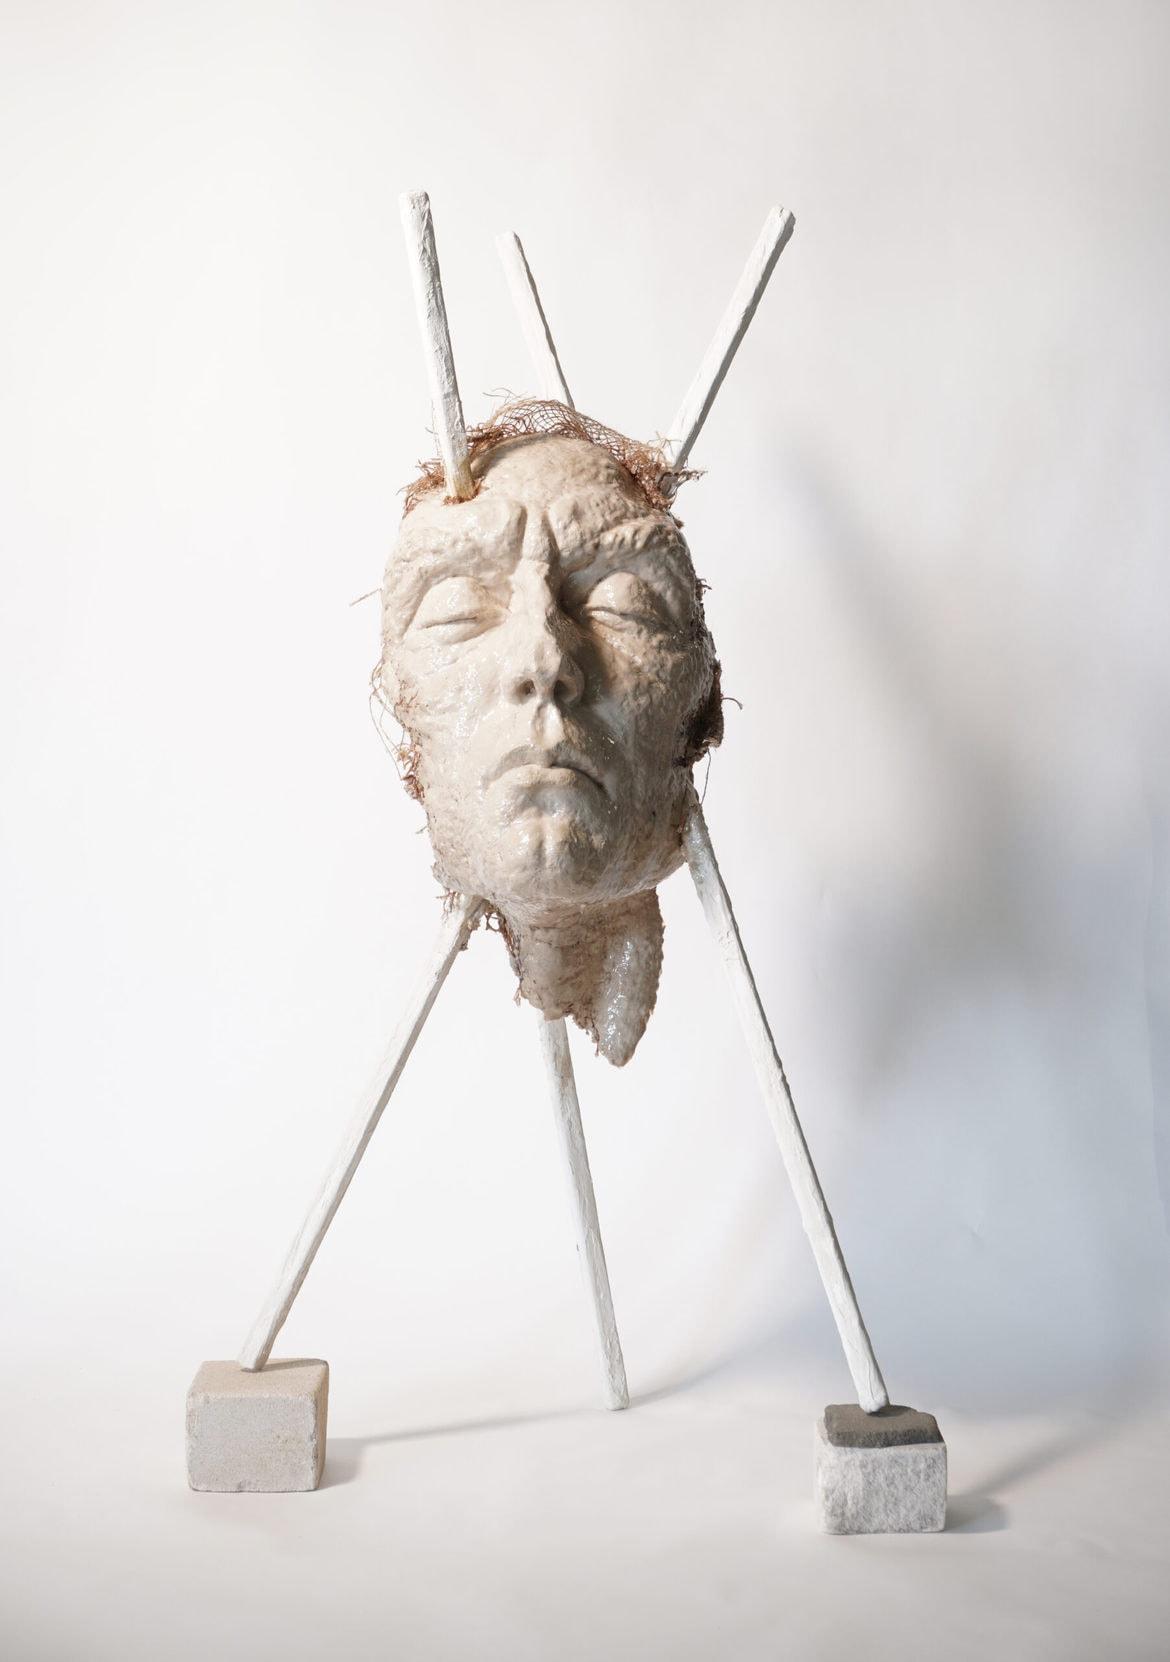 'in statu nascendi', 2020, plaster, resin, mixed media, 120 x 45 x 35 cm